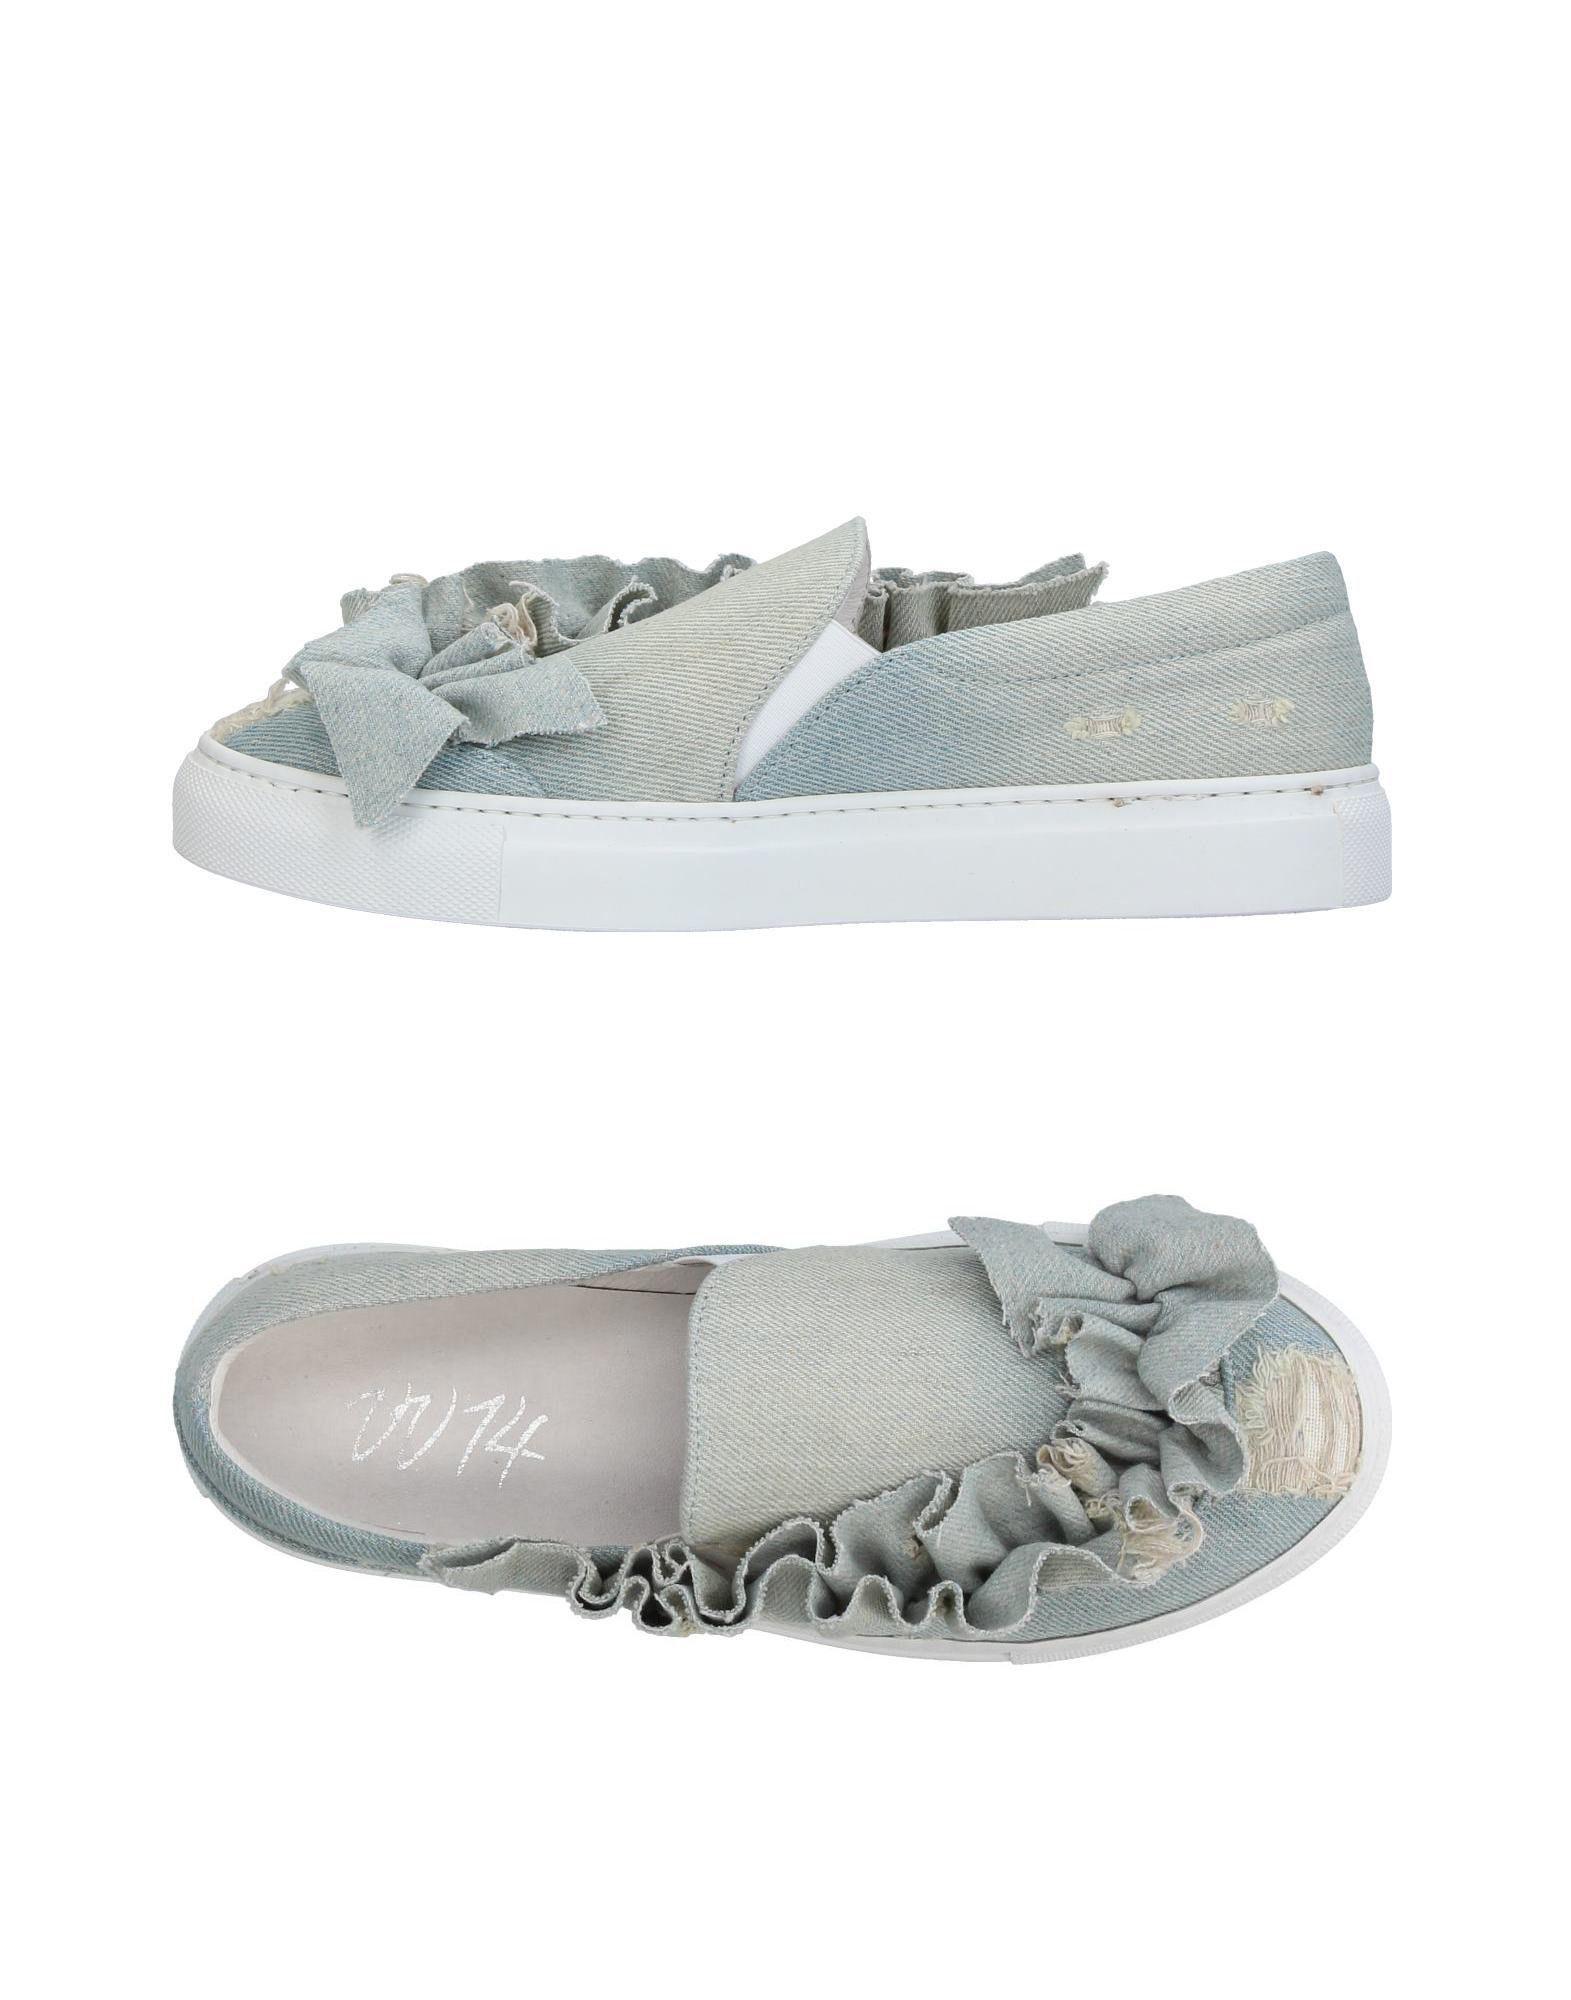 FOOTWEAR - Low-tops & sneakers Via Vela 14 P7Etwo